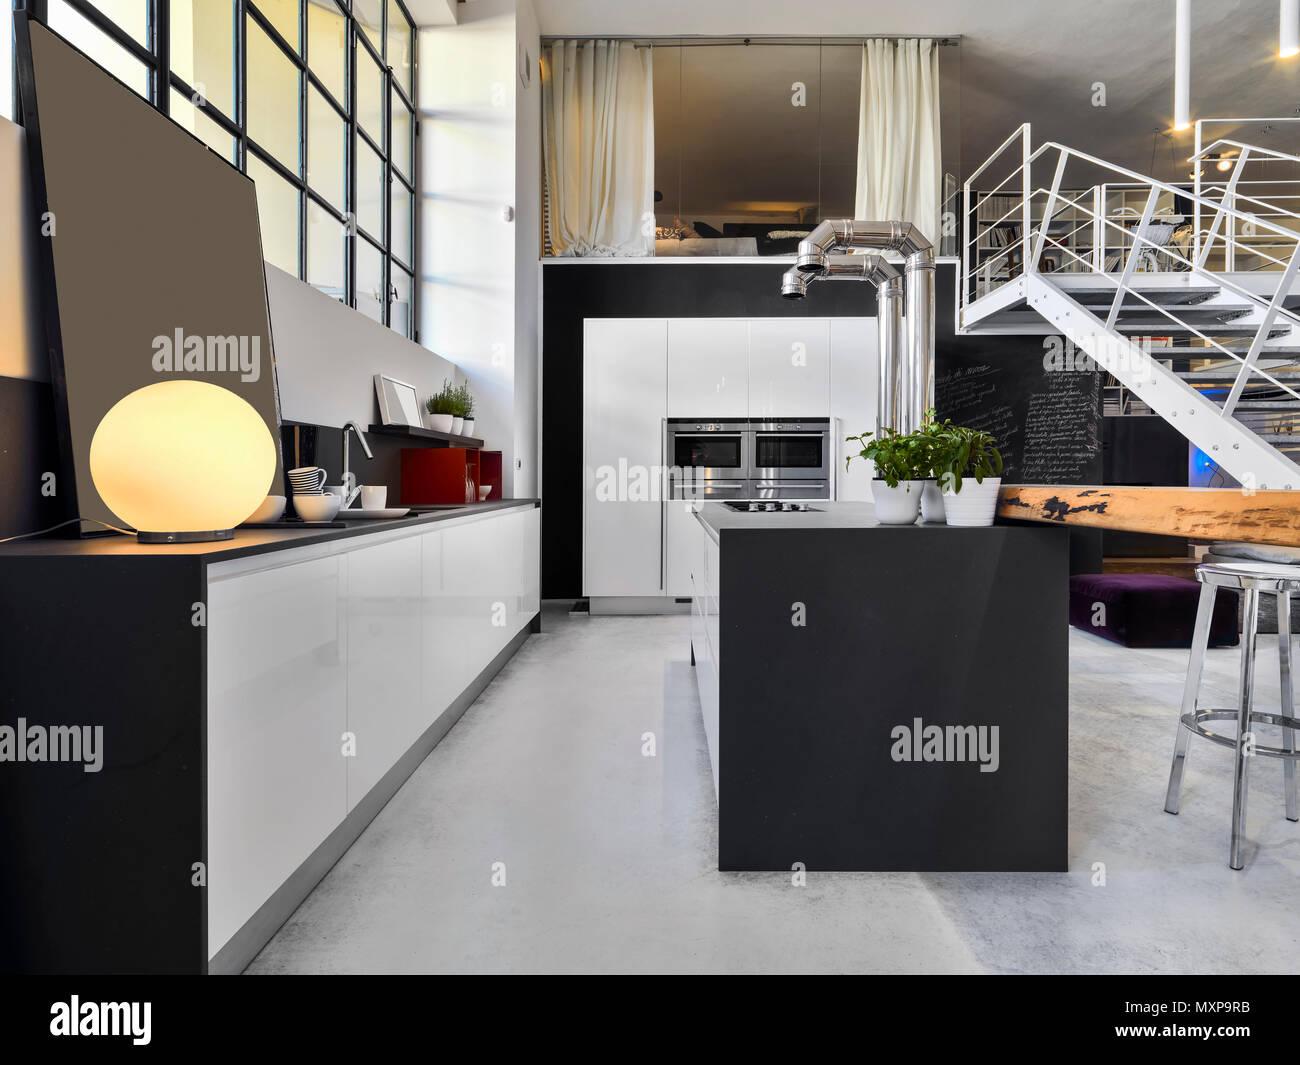 Moderna cocina interior en primer plano la isla de cocina, el piso ...